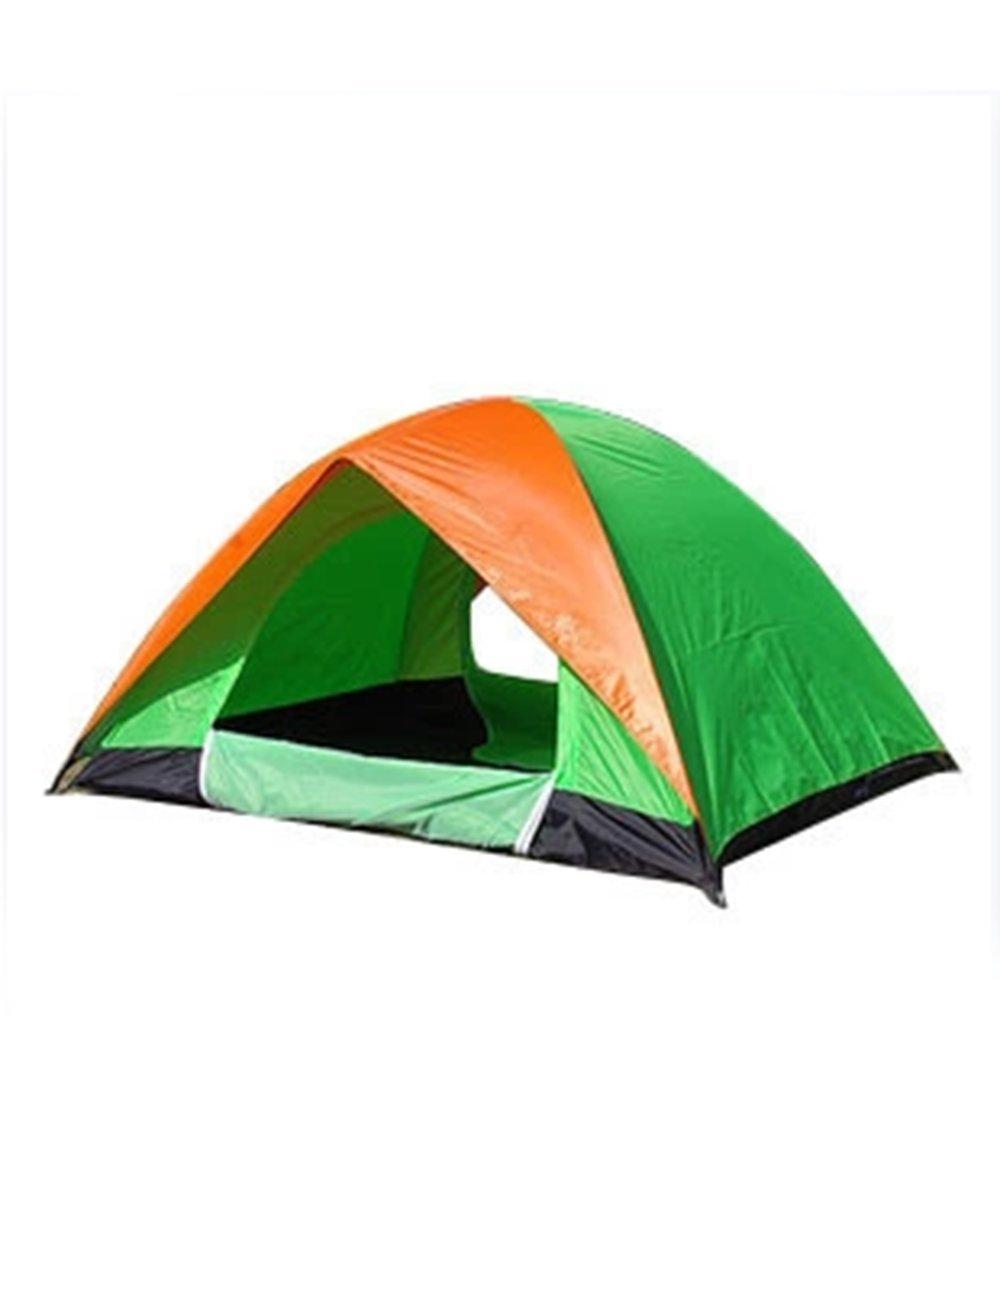 SJQKA-zelte, Zwei zelte, EIN 3-4 Personen, Camping, regenfeste zelte, 2 Personen, Winddicht, wasserdicht, superleichte Camping,b